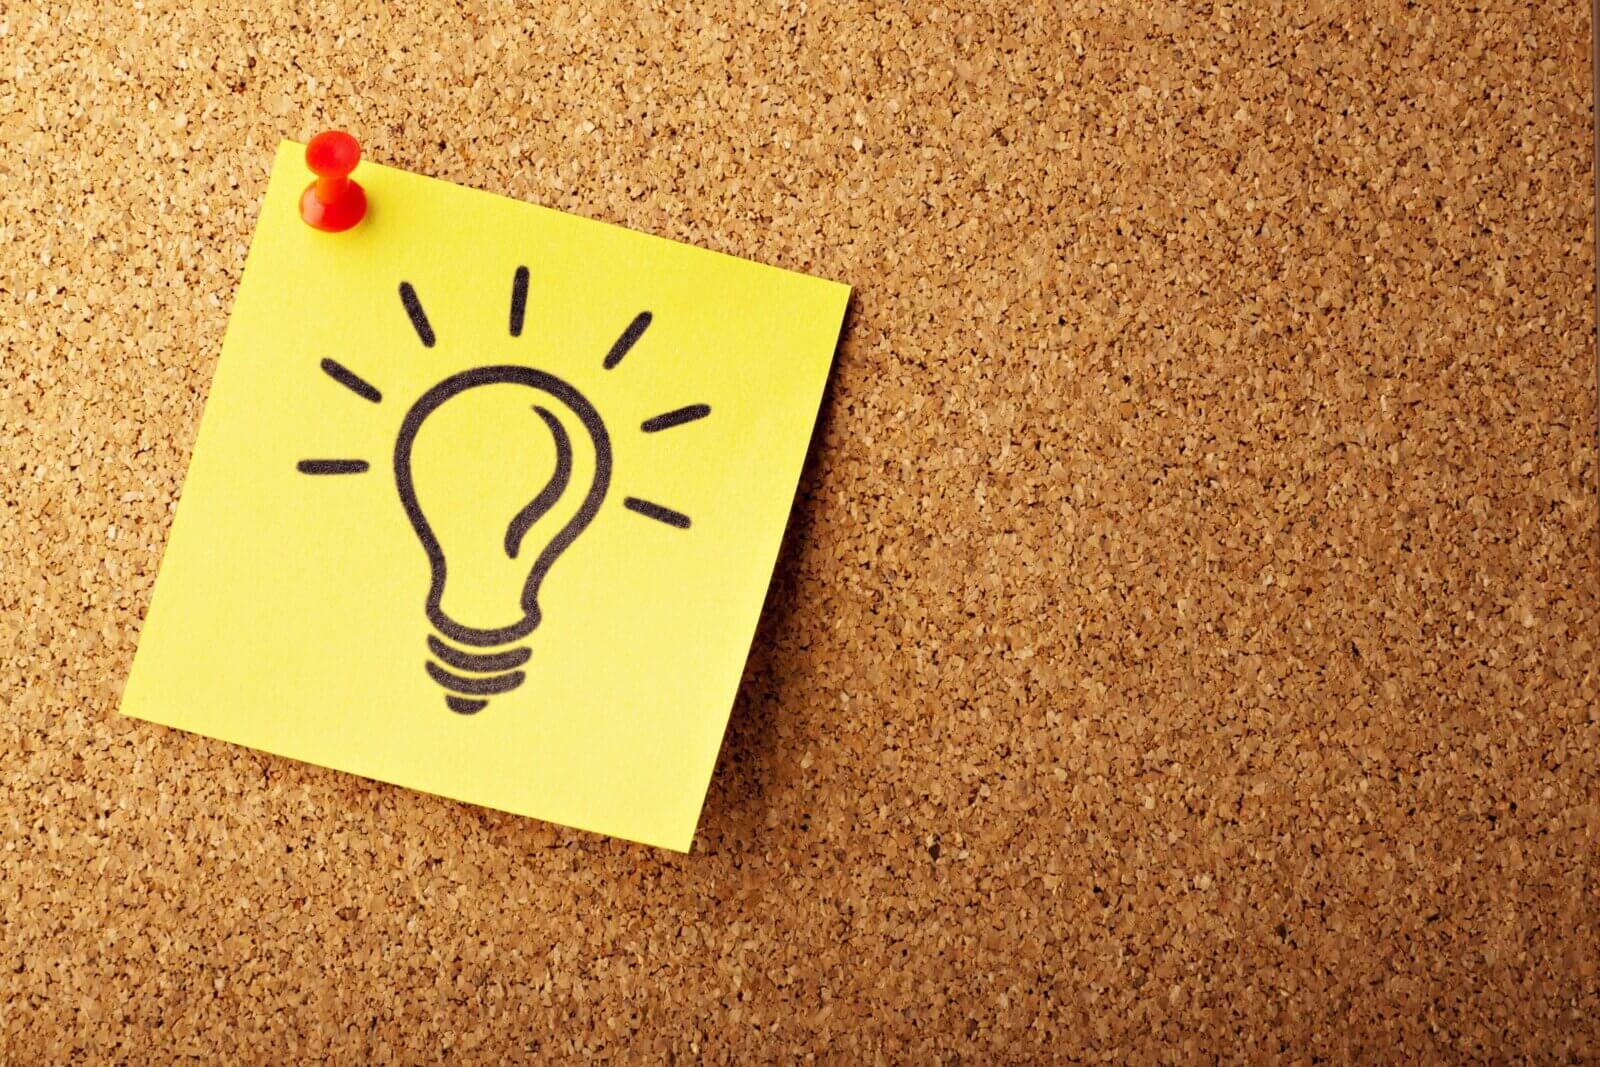 Как заработать на идеях: своих + других людей